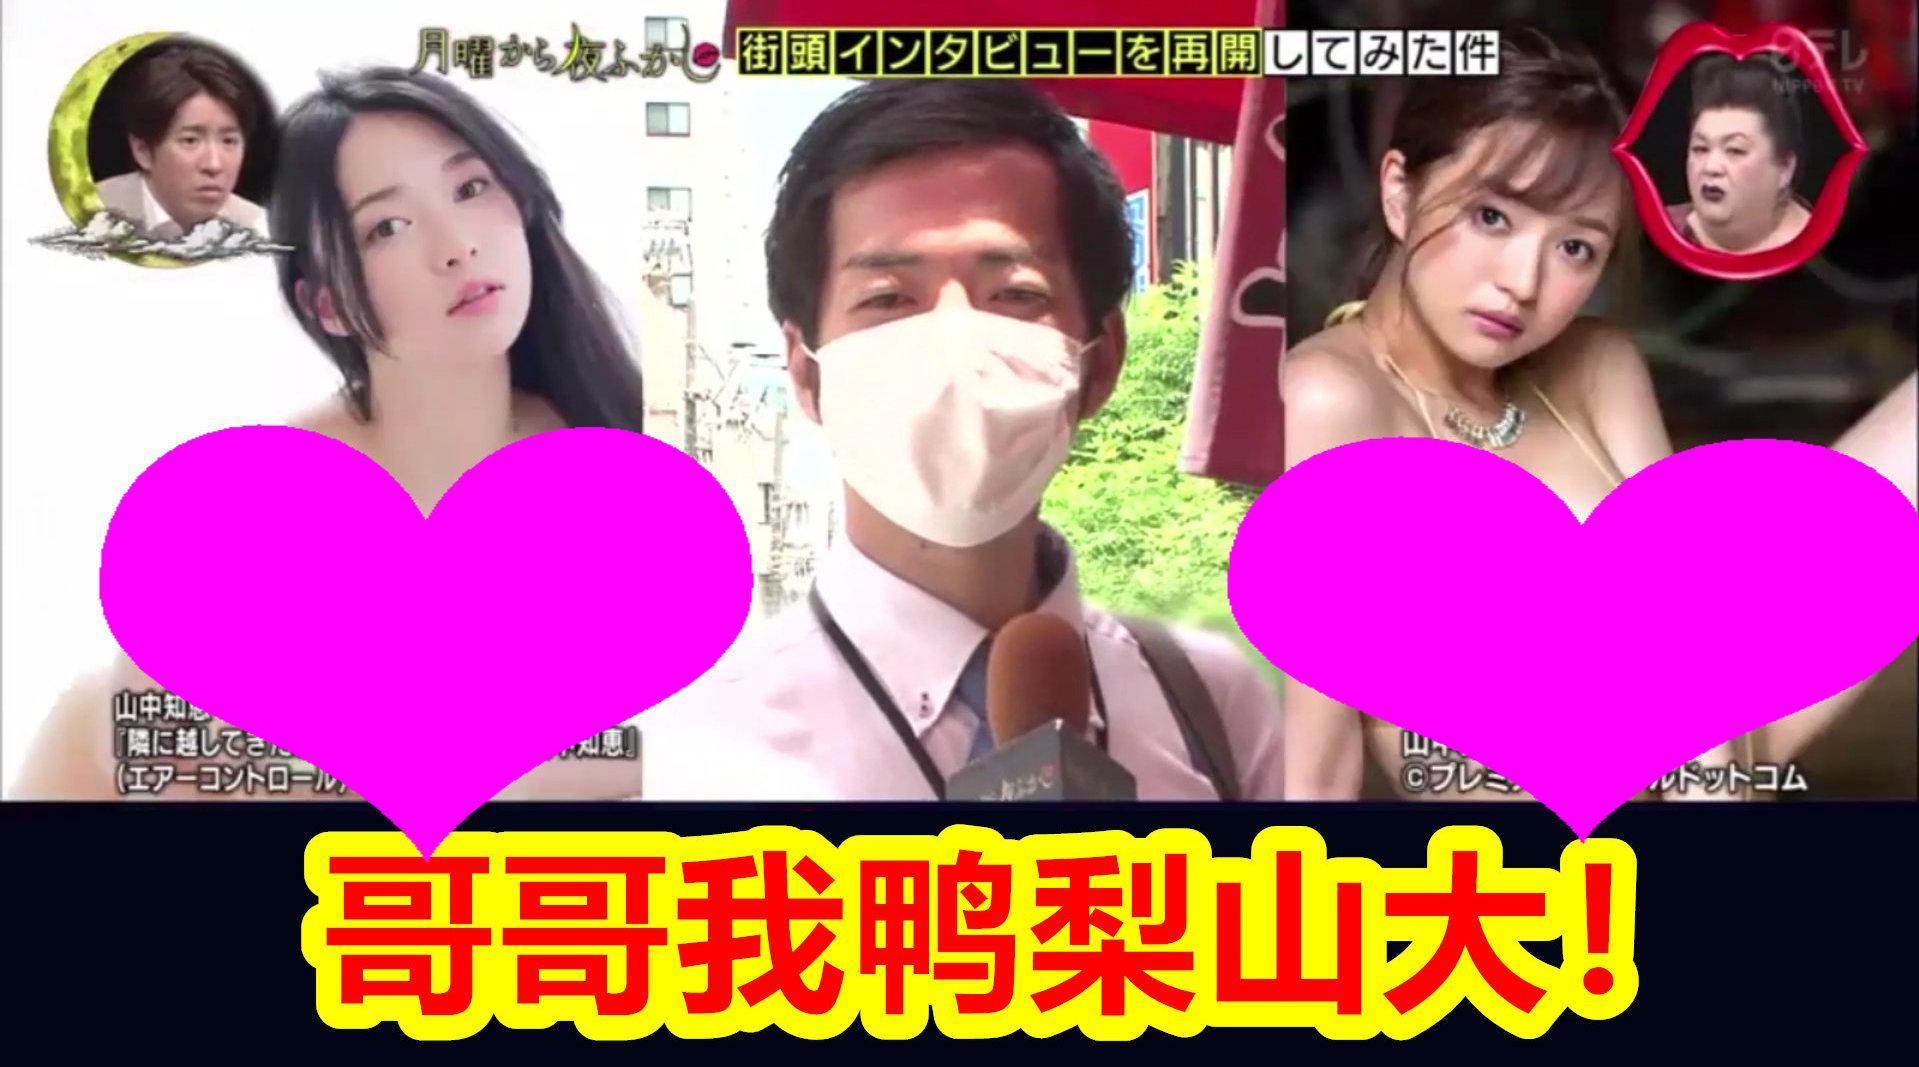 200713 在东京都足立区竹之塚打听个人沙雕新闻!